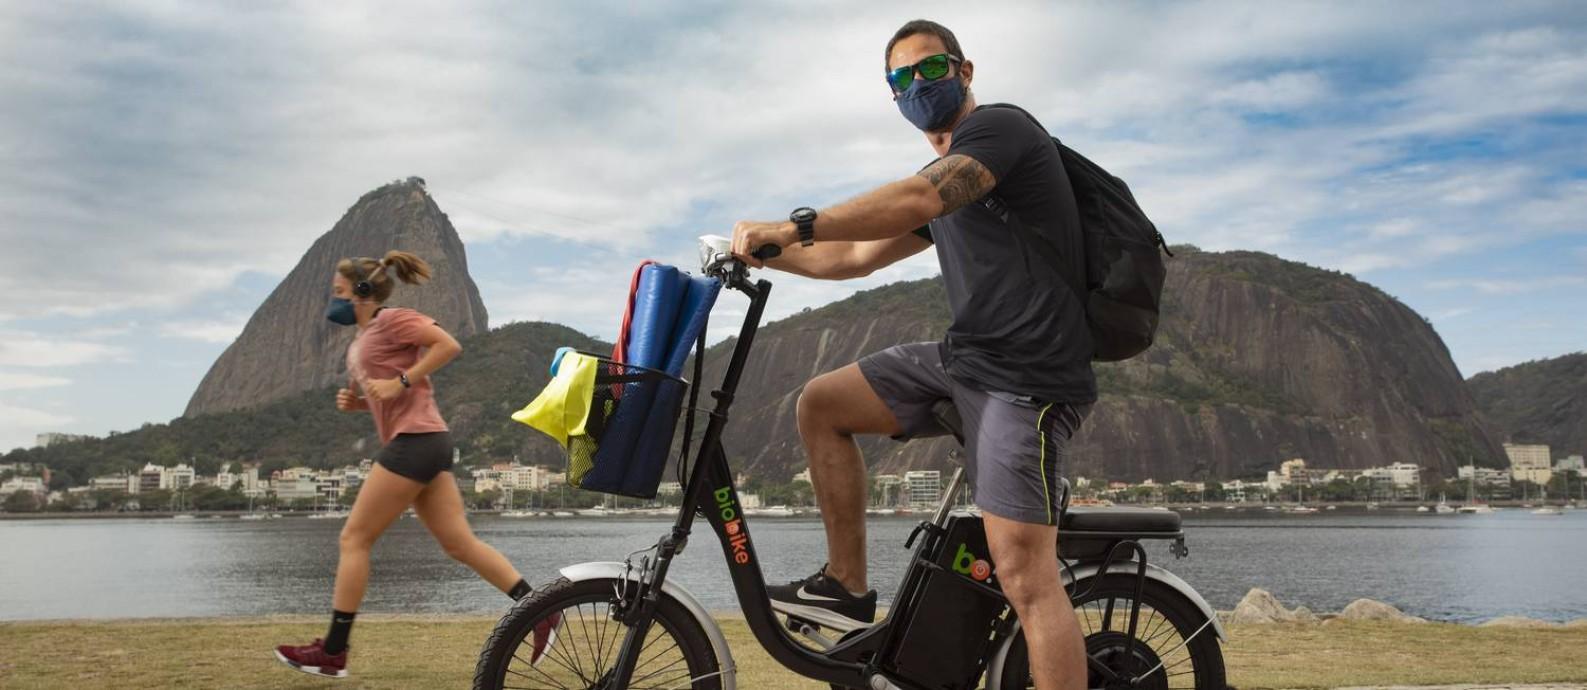 O personal Salvio de Souza Junior com sua nova bicicleta elétrica: por causa do novo coronavírus, ele trocou o metrô pela bike para poder se deslocar de forma segura na Zona Sul Foto: Ana Branco / Agência O Globo